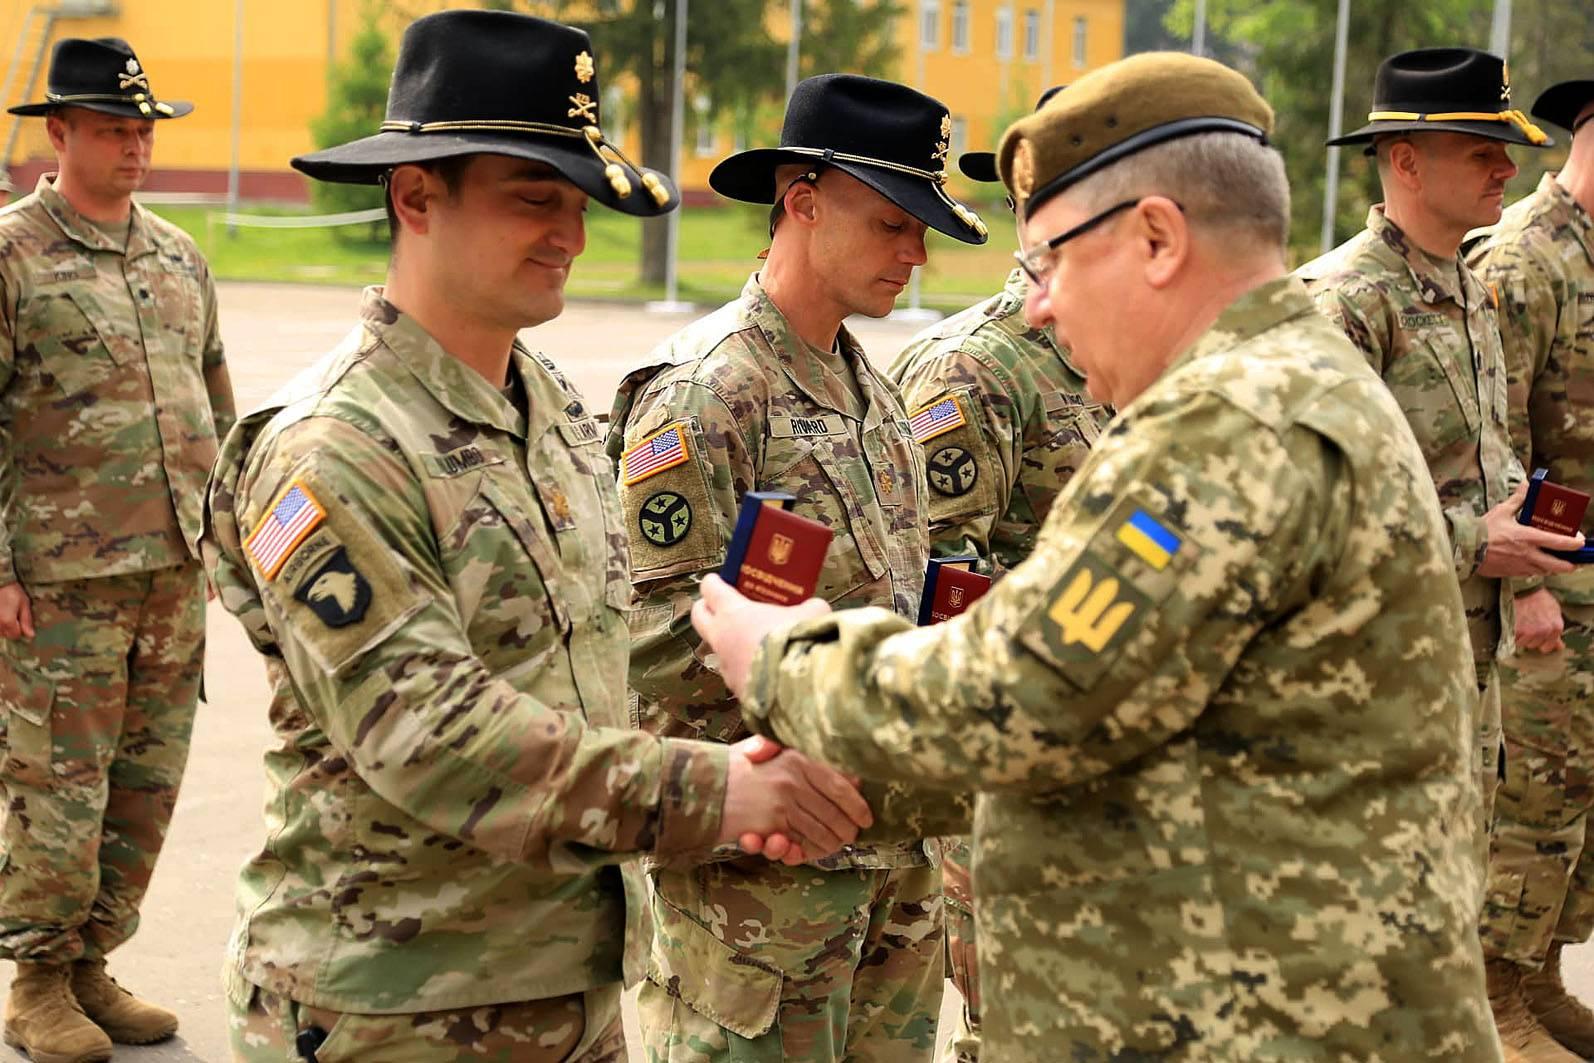 Сша: служба в армии в 2021 году – мигранту мир